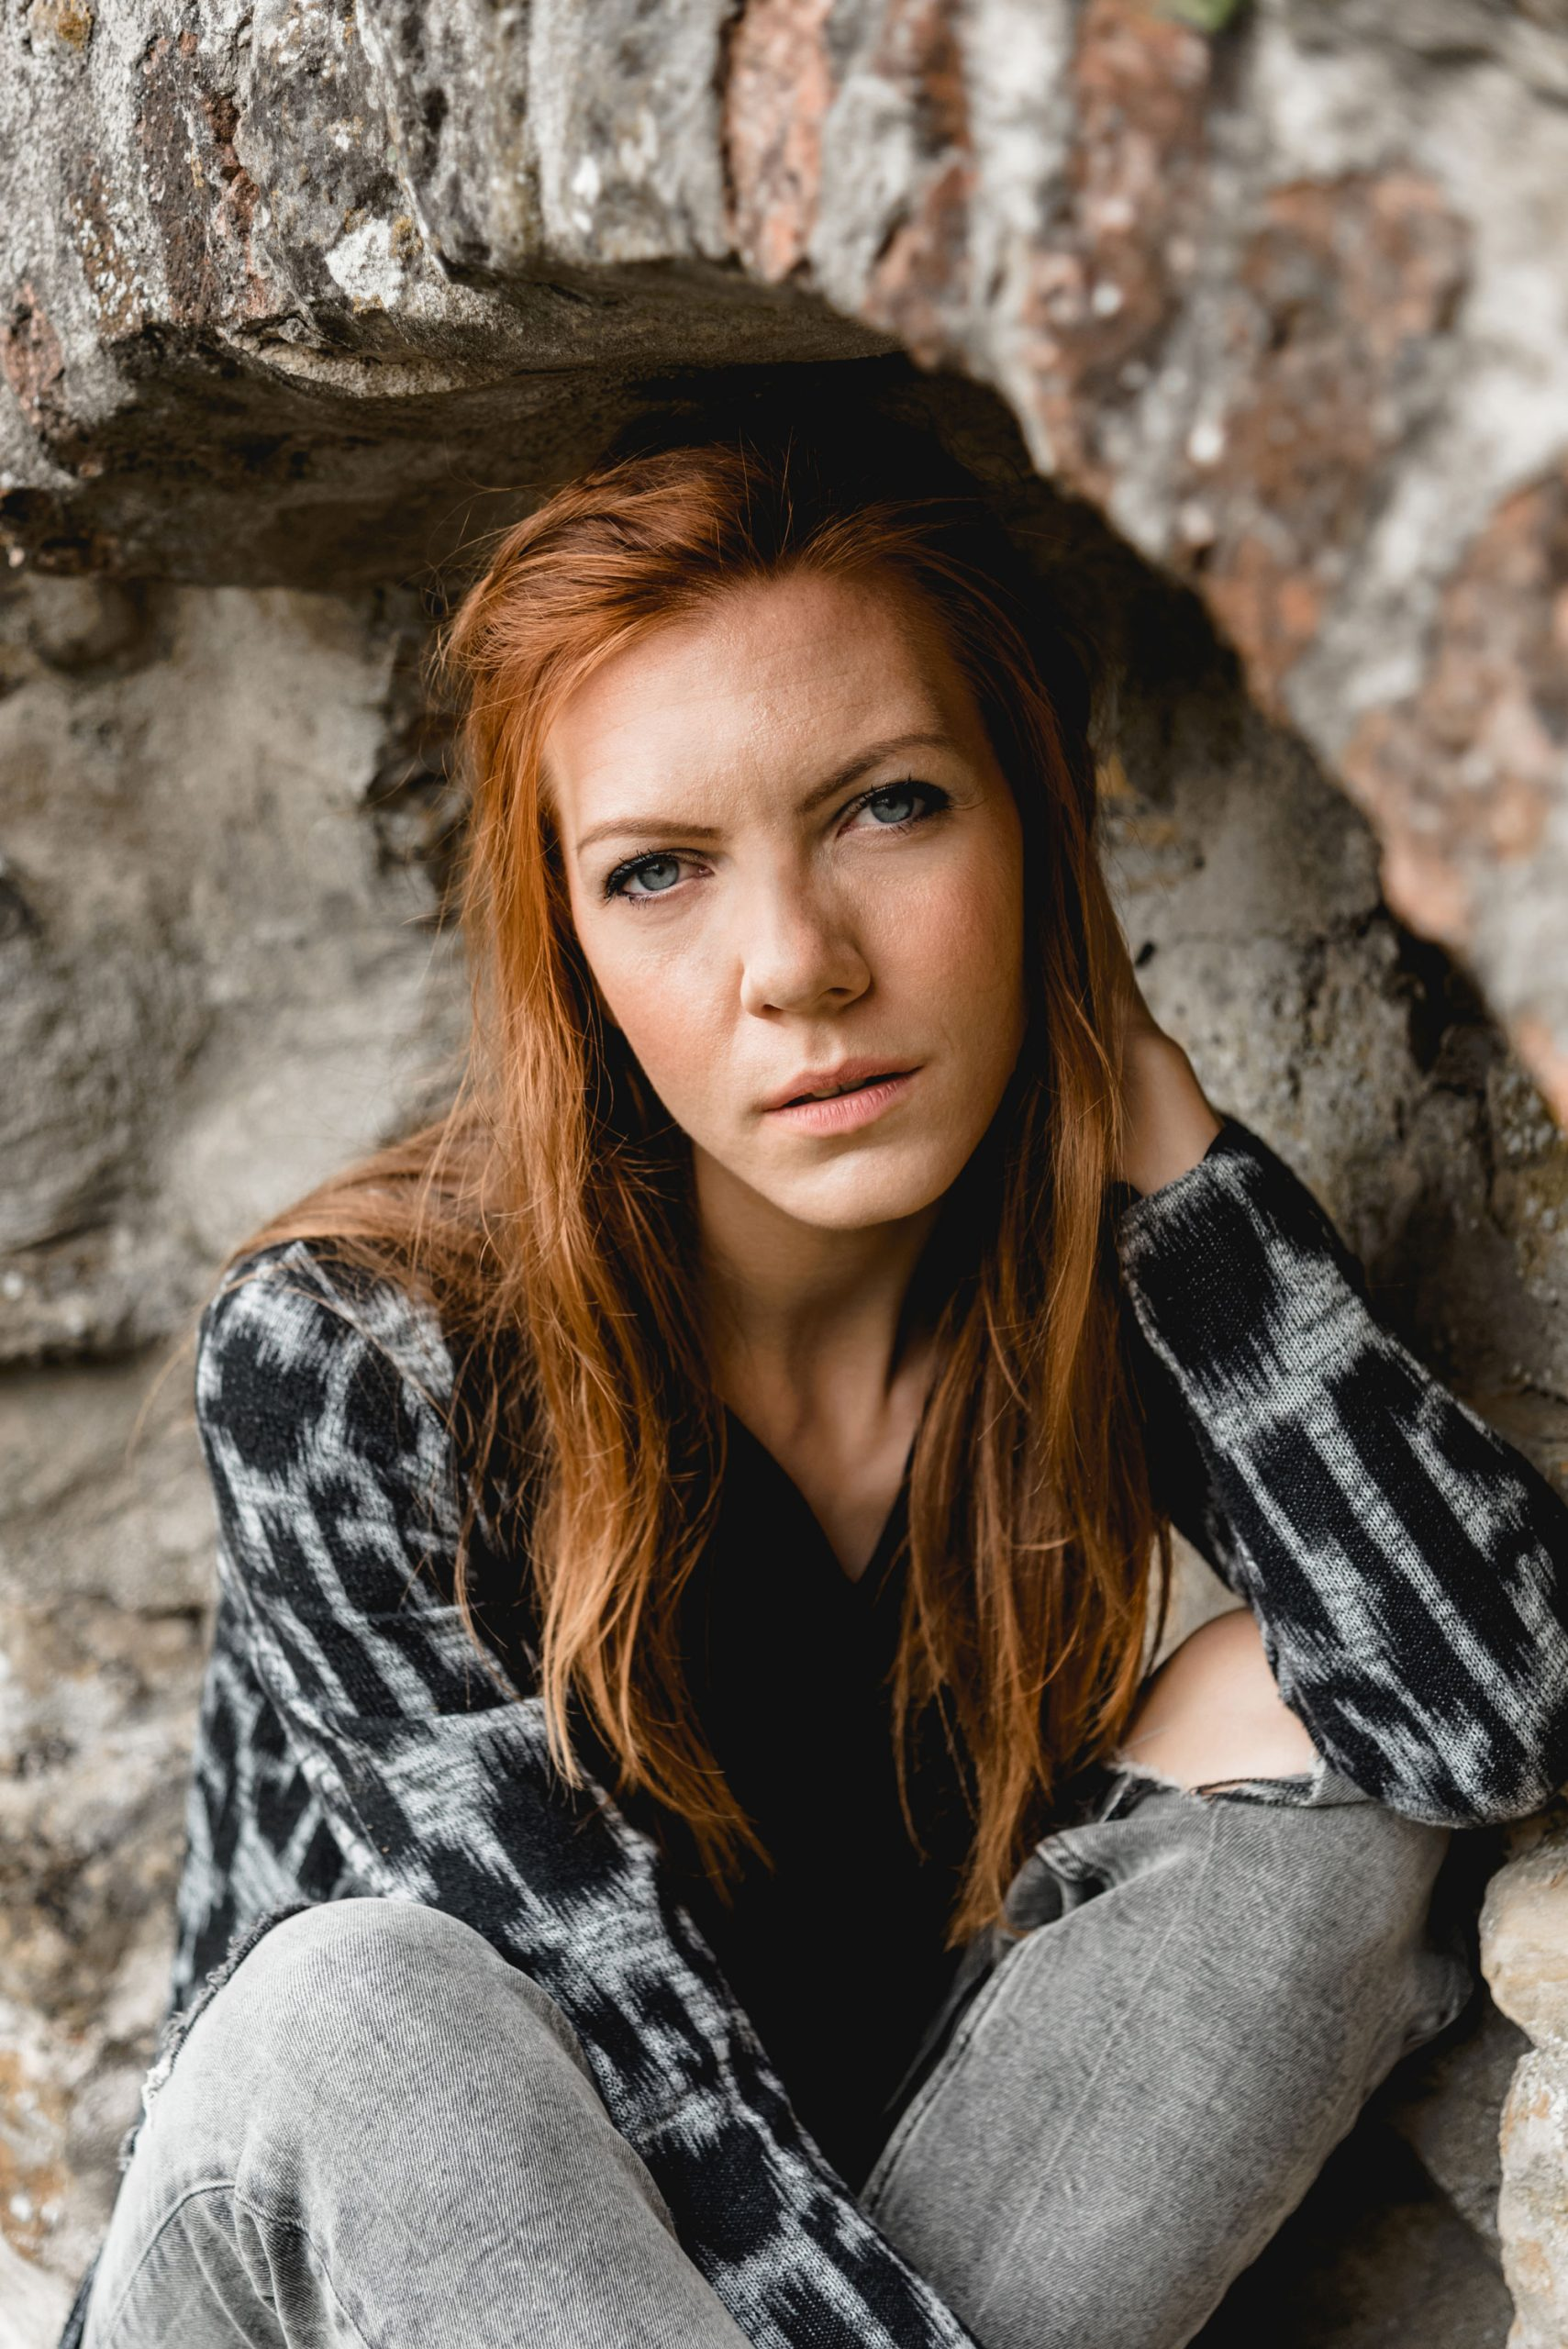 KatharinaL